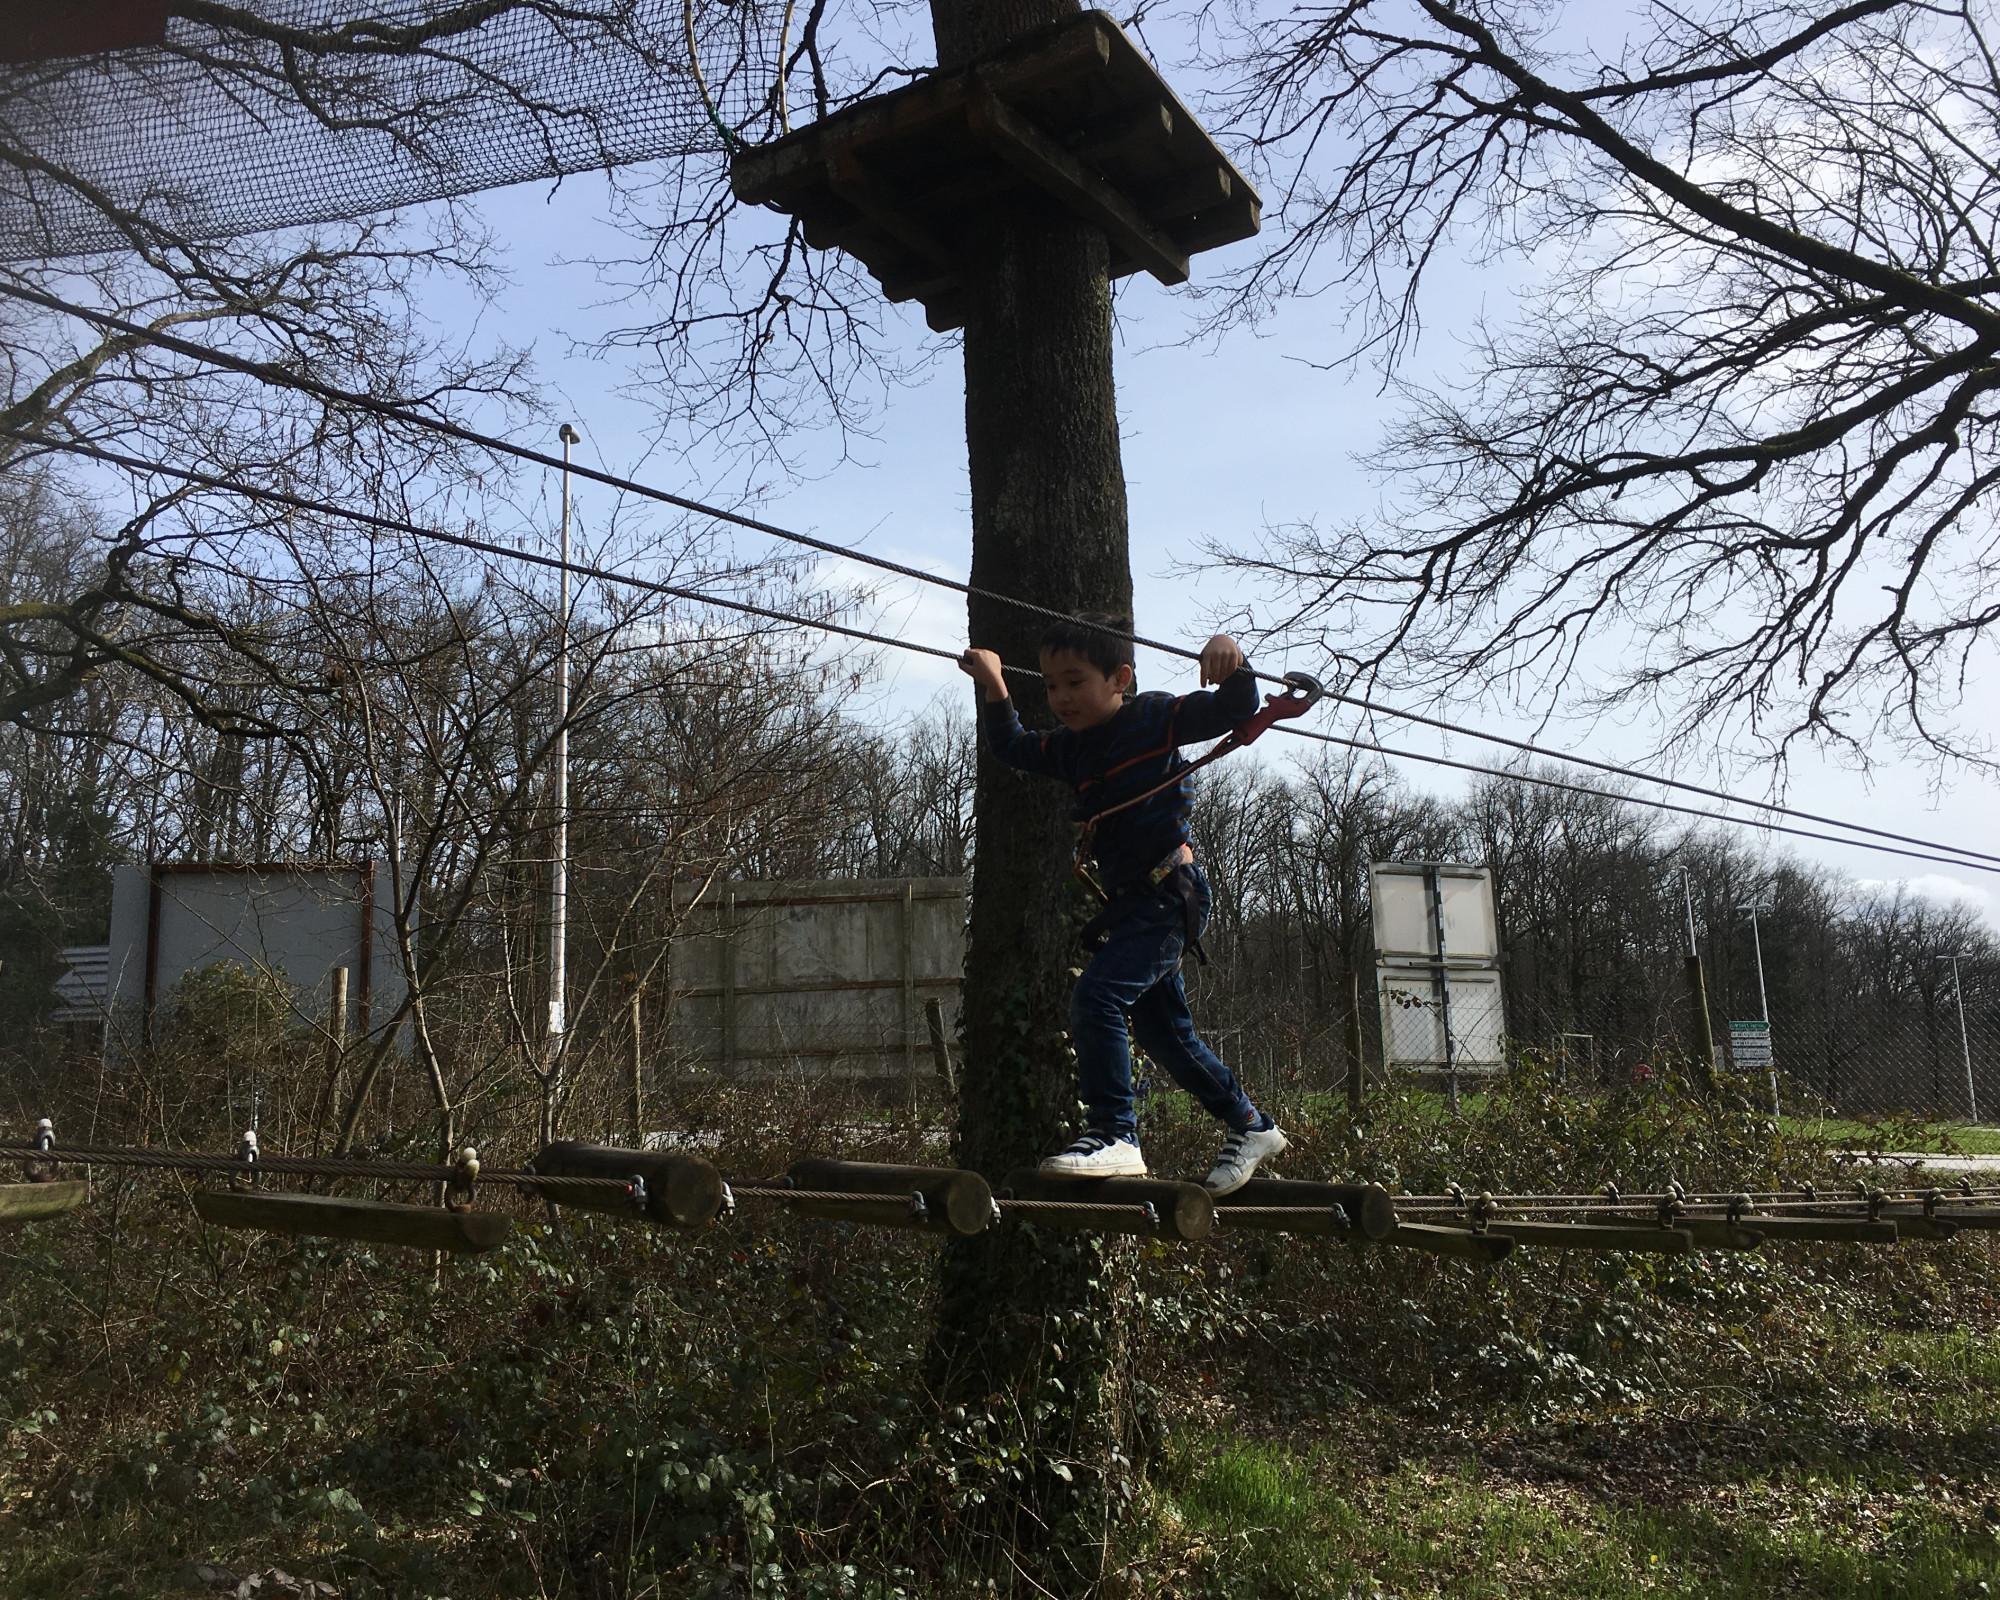 Photo 1: Faire le singe... Sans faire des kilomètres à seulement 10 minutes du centre ville de Limoges